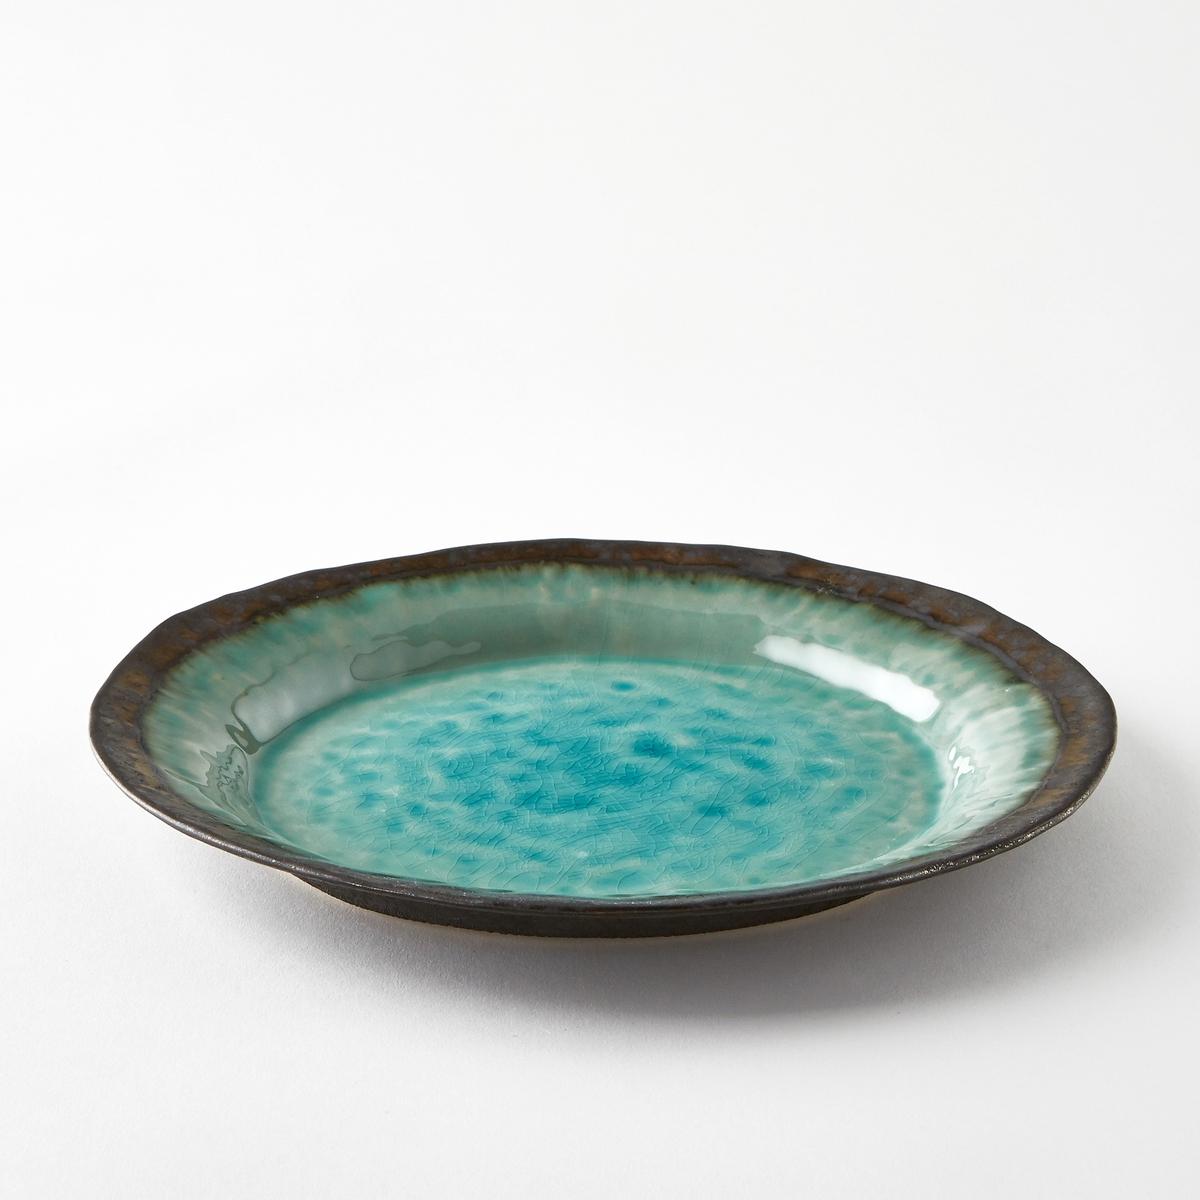 Тарелка La Redoute Мелкая из глазурованной керамики Altadill единый размер синий